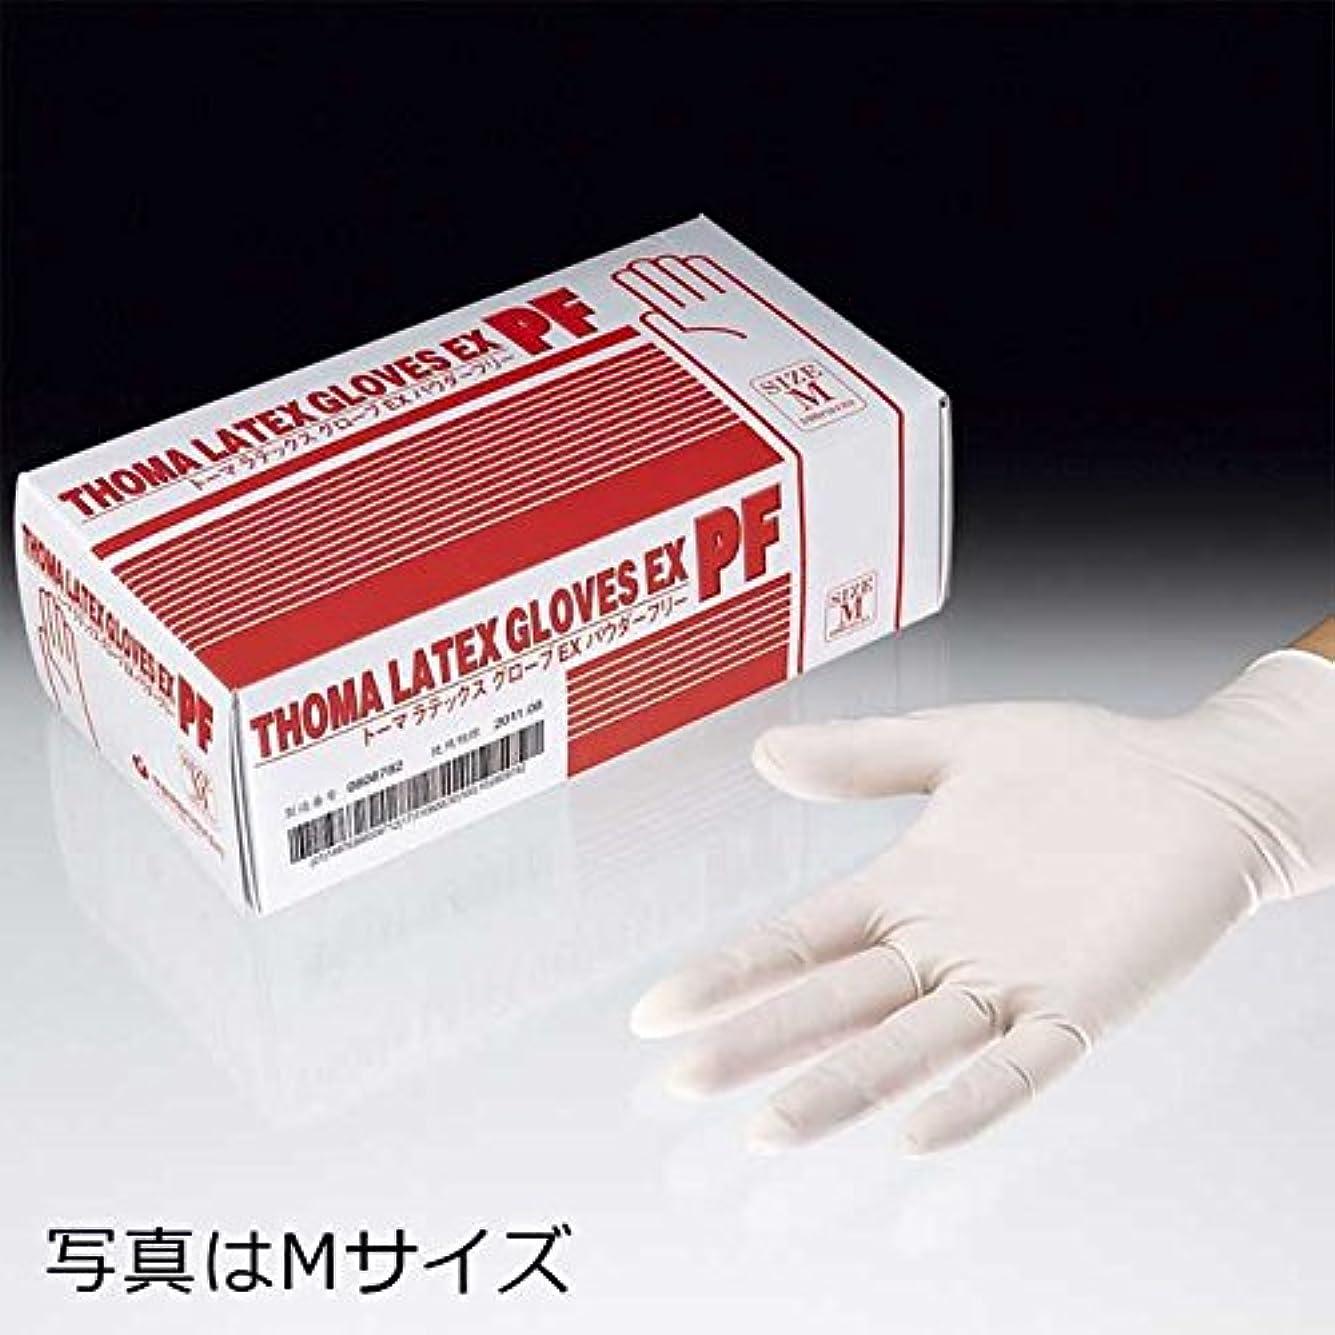 公演お茶ディプロマトーマラテックス手袋EX PF 天然ゴム 使い捨て手袋 粉なし2000枚 (100枚入り20箱) (SS)